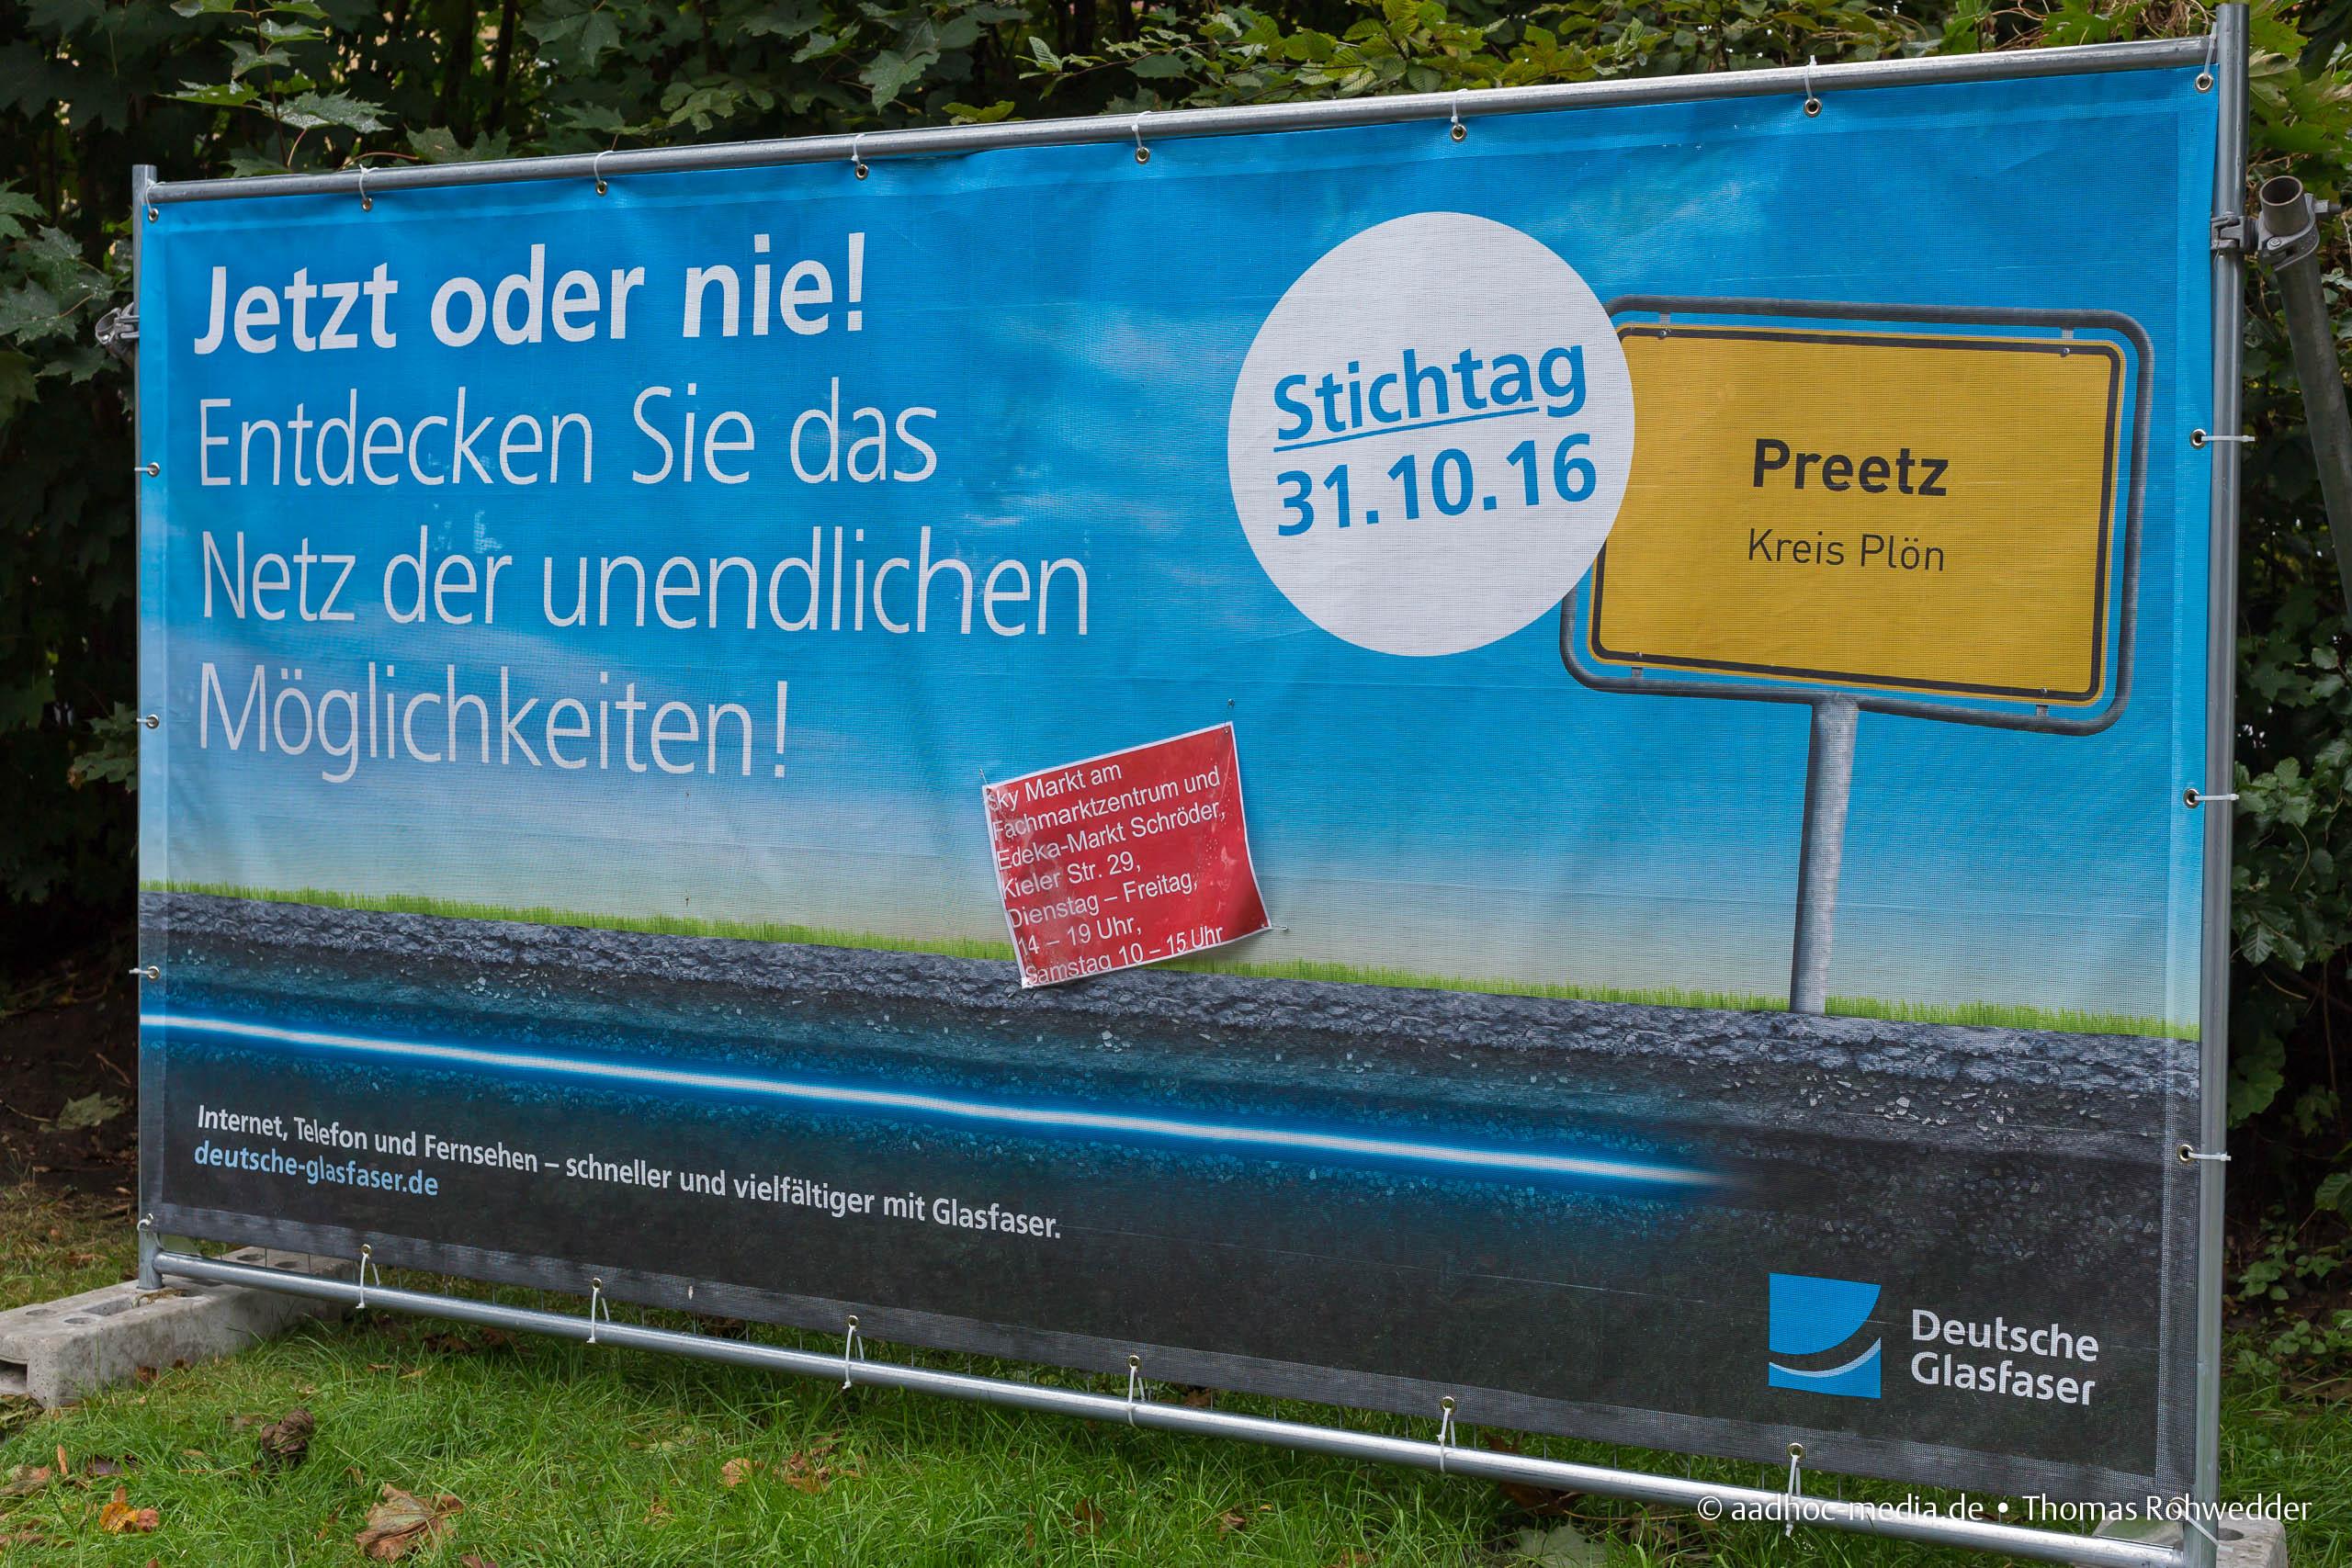 Zukunft Preetz - Glasfasernetz für Preetz • ©Foto: aadhoc-media • Thomas Rohwedder